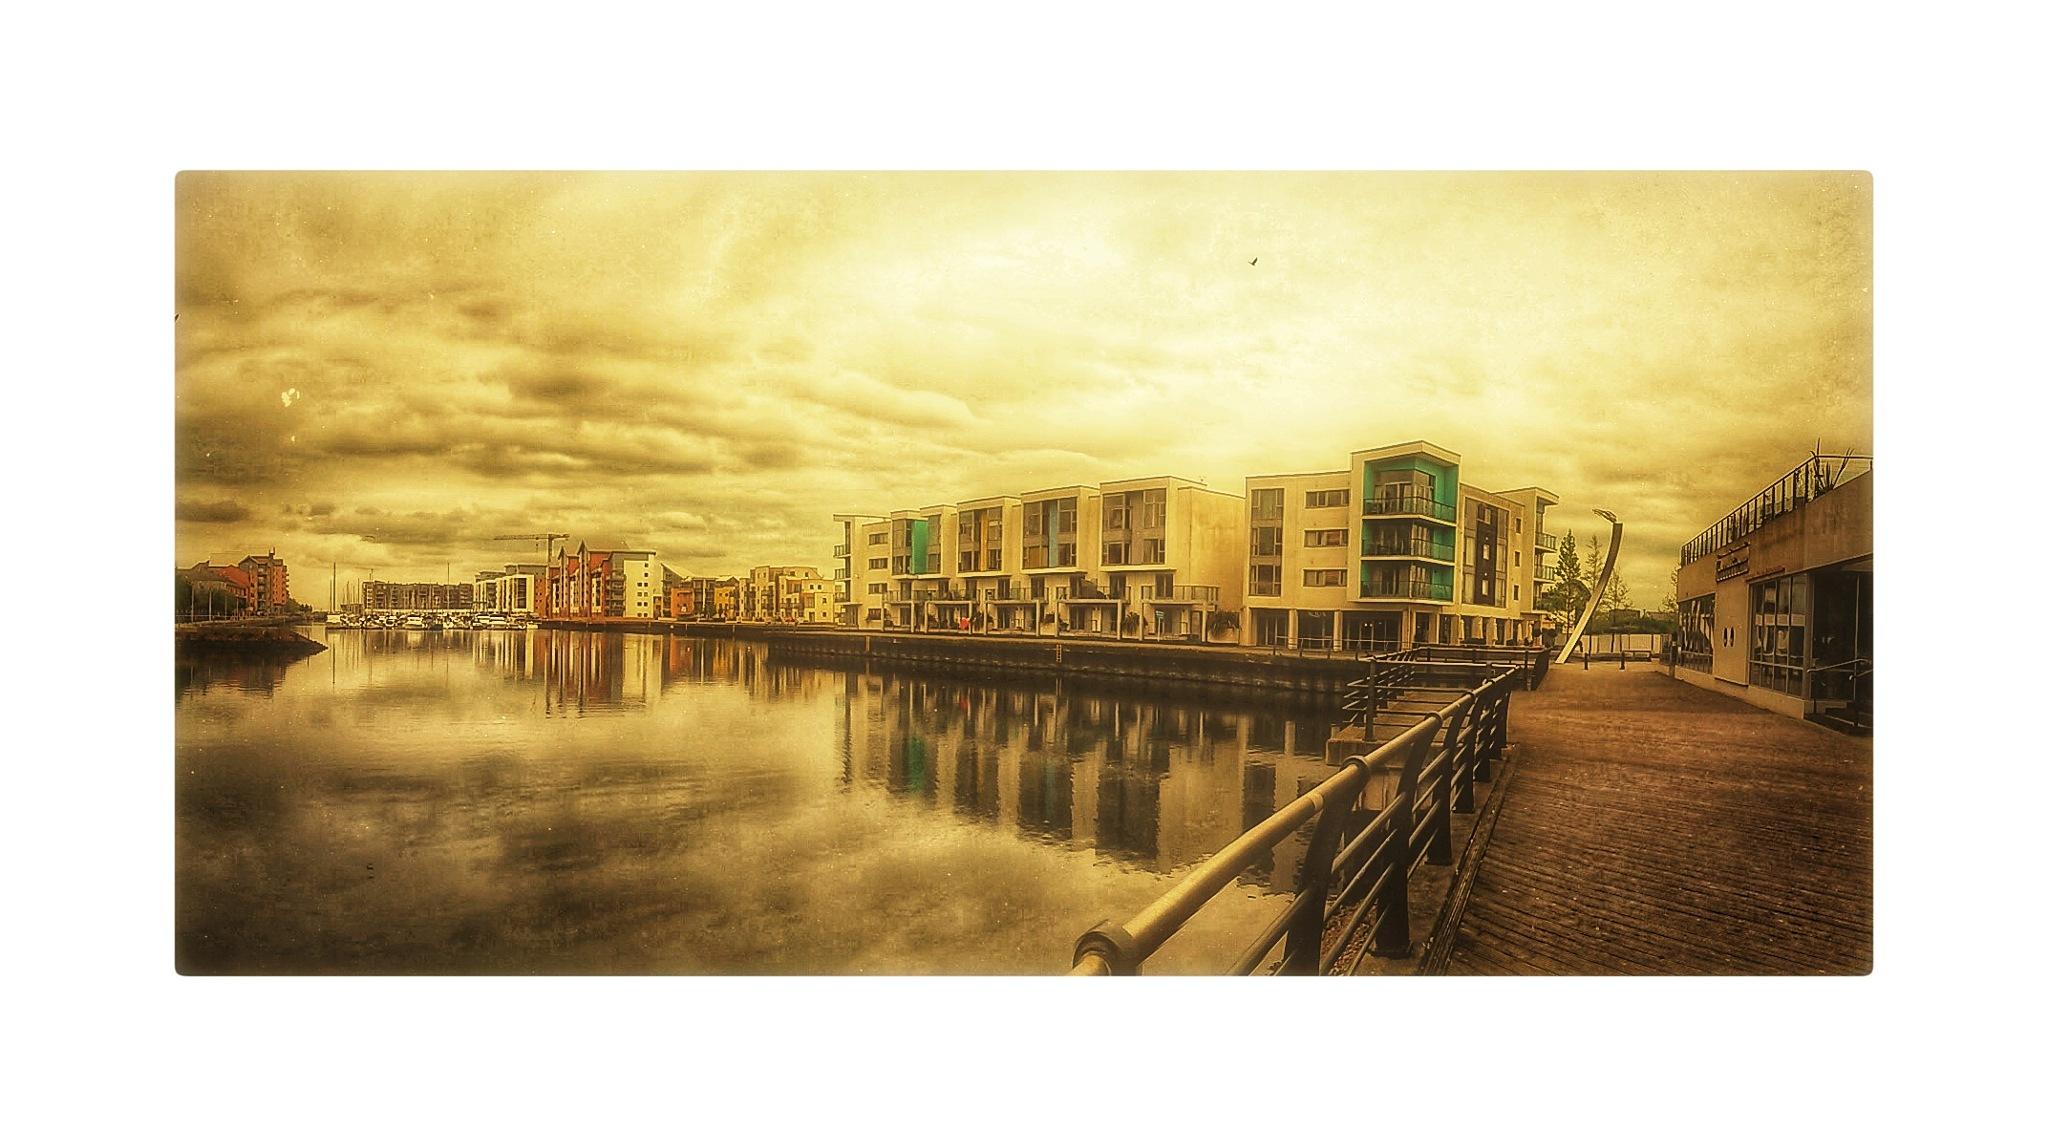 Portishead Marina by Wayil Rahmatalla